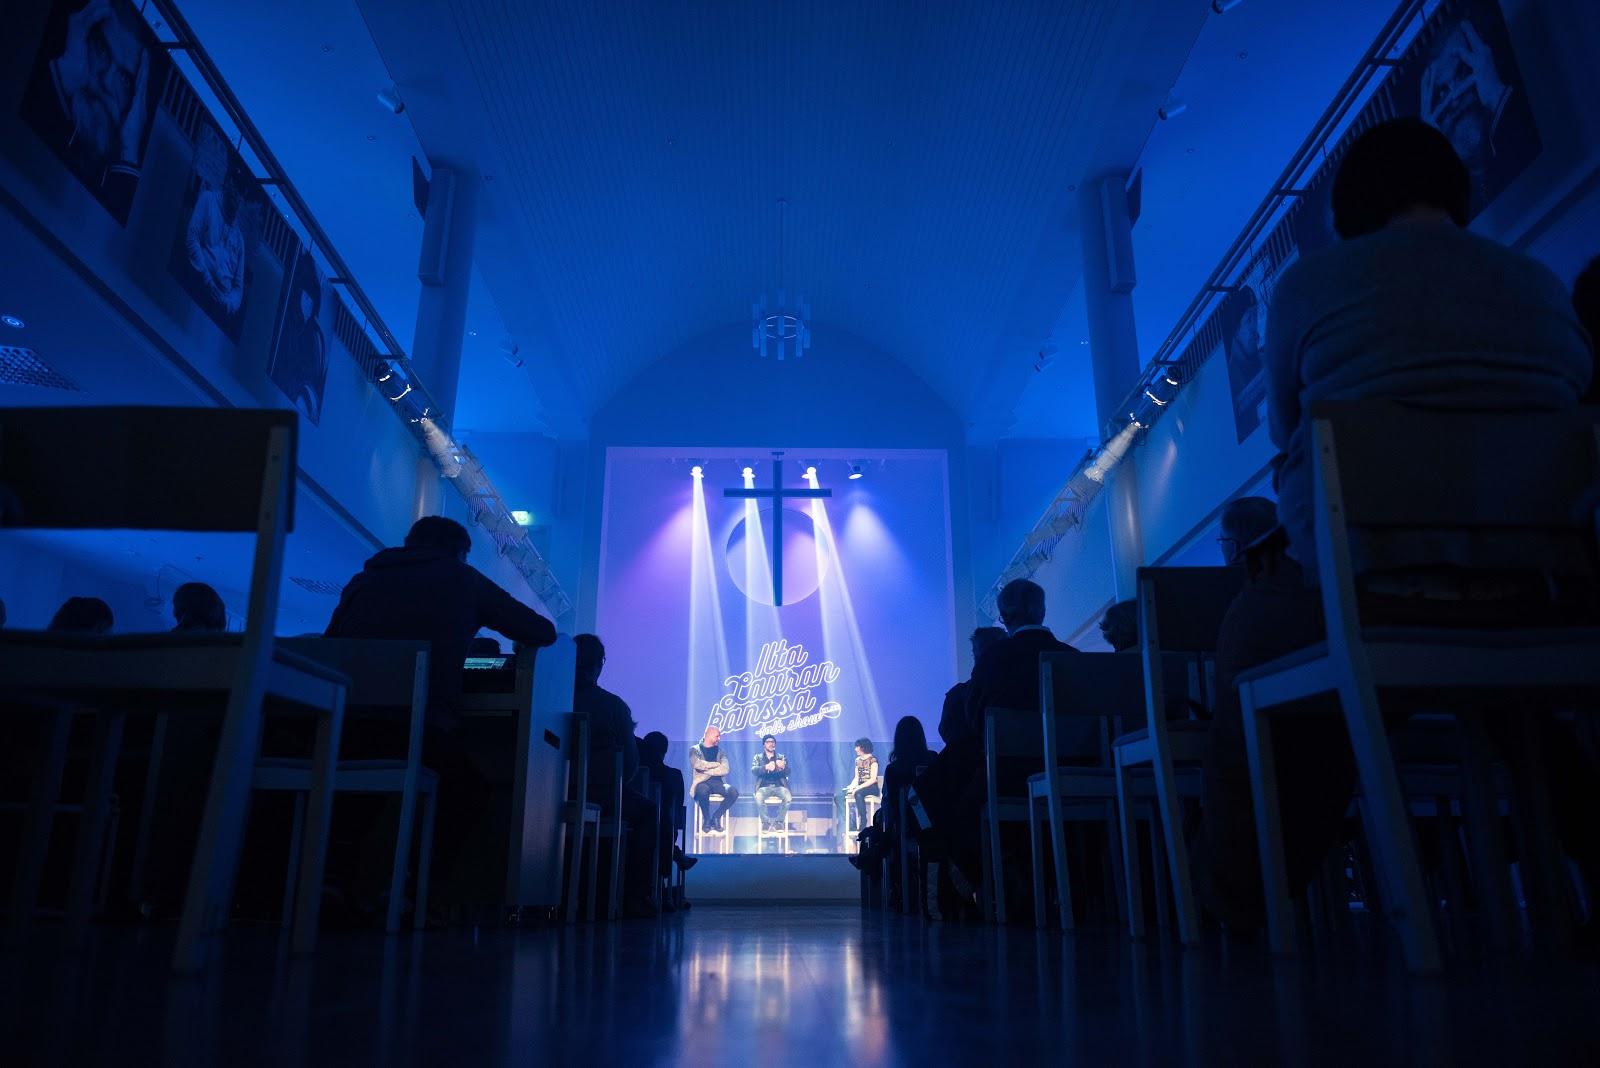 Kaupungin valot 18.3.2017 @Helsinki, Luther-kirkko - Olli%252CMikajaLaura2.jpg